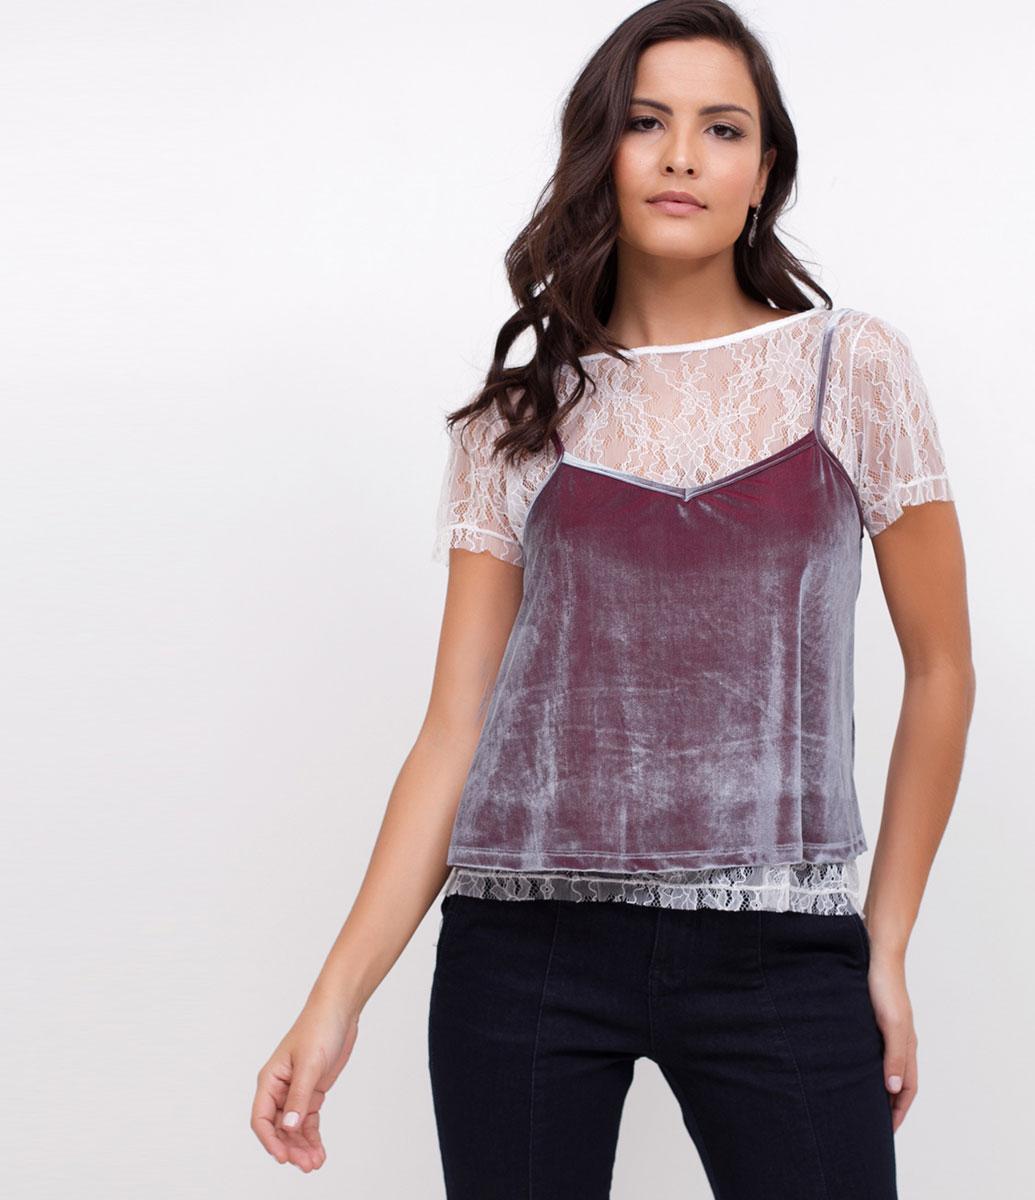 Tendencias vestidos jeans 2019